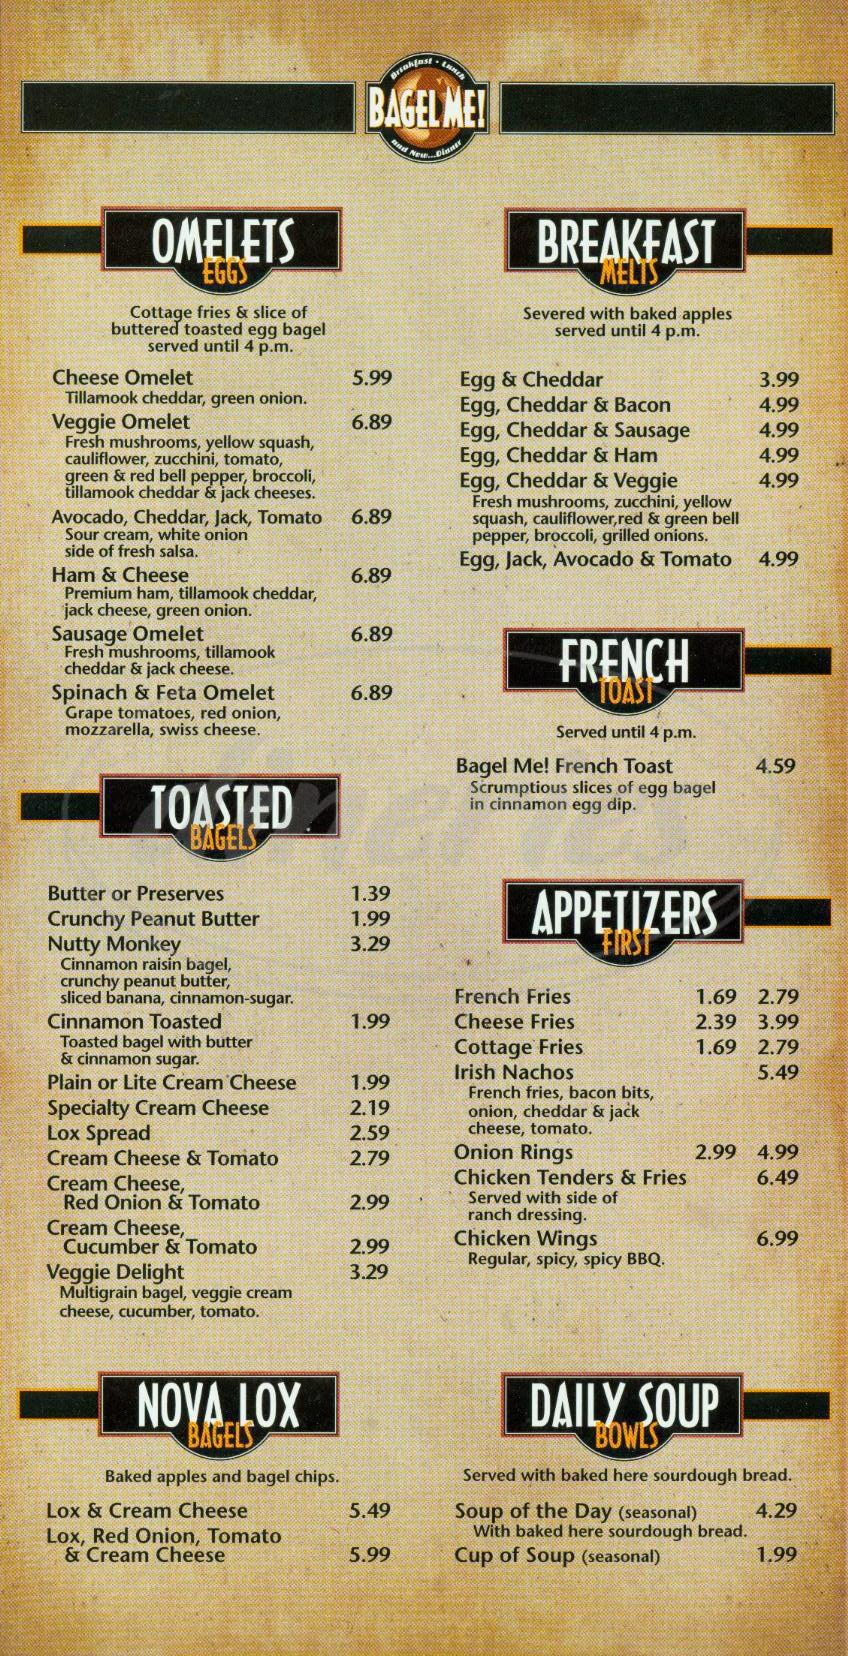 menu for Bagel Me